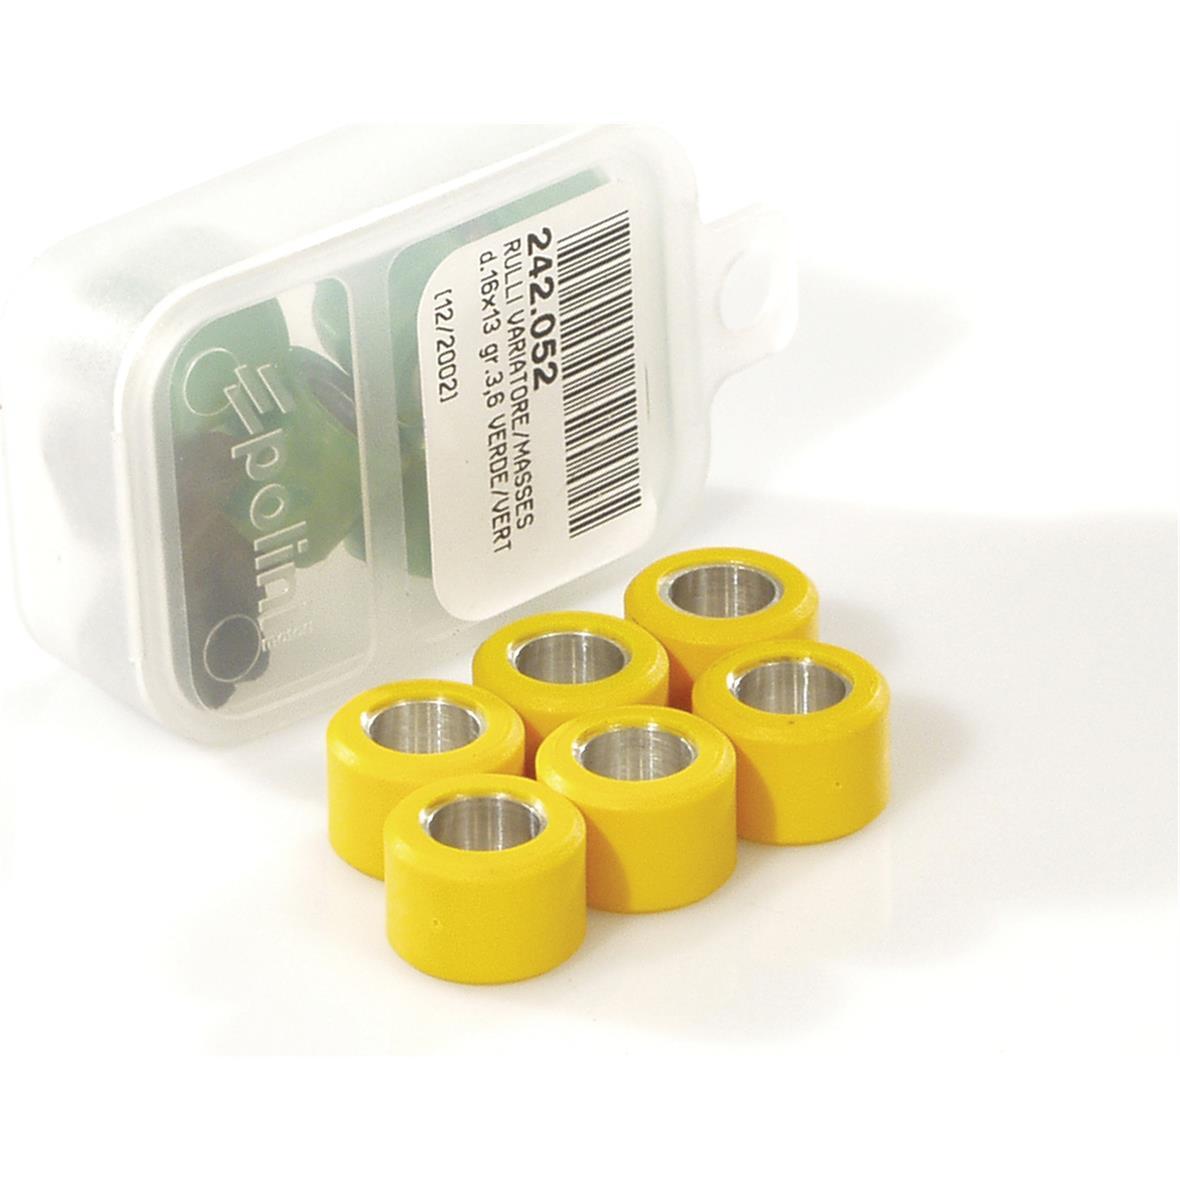 Obrázek výrobku pro 'Válečky variátoru POLINI 20x12 mm 12,8 gramTitle'